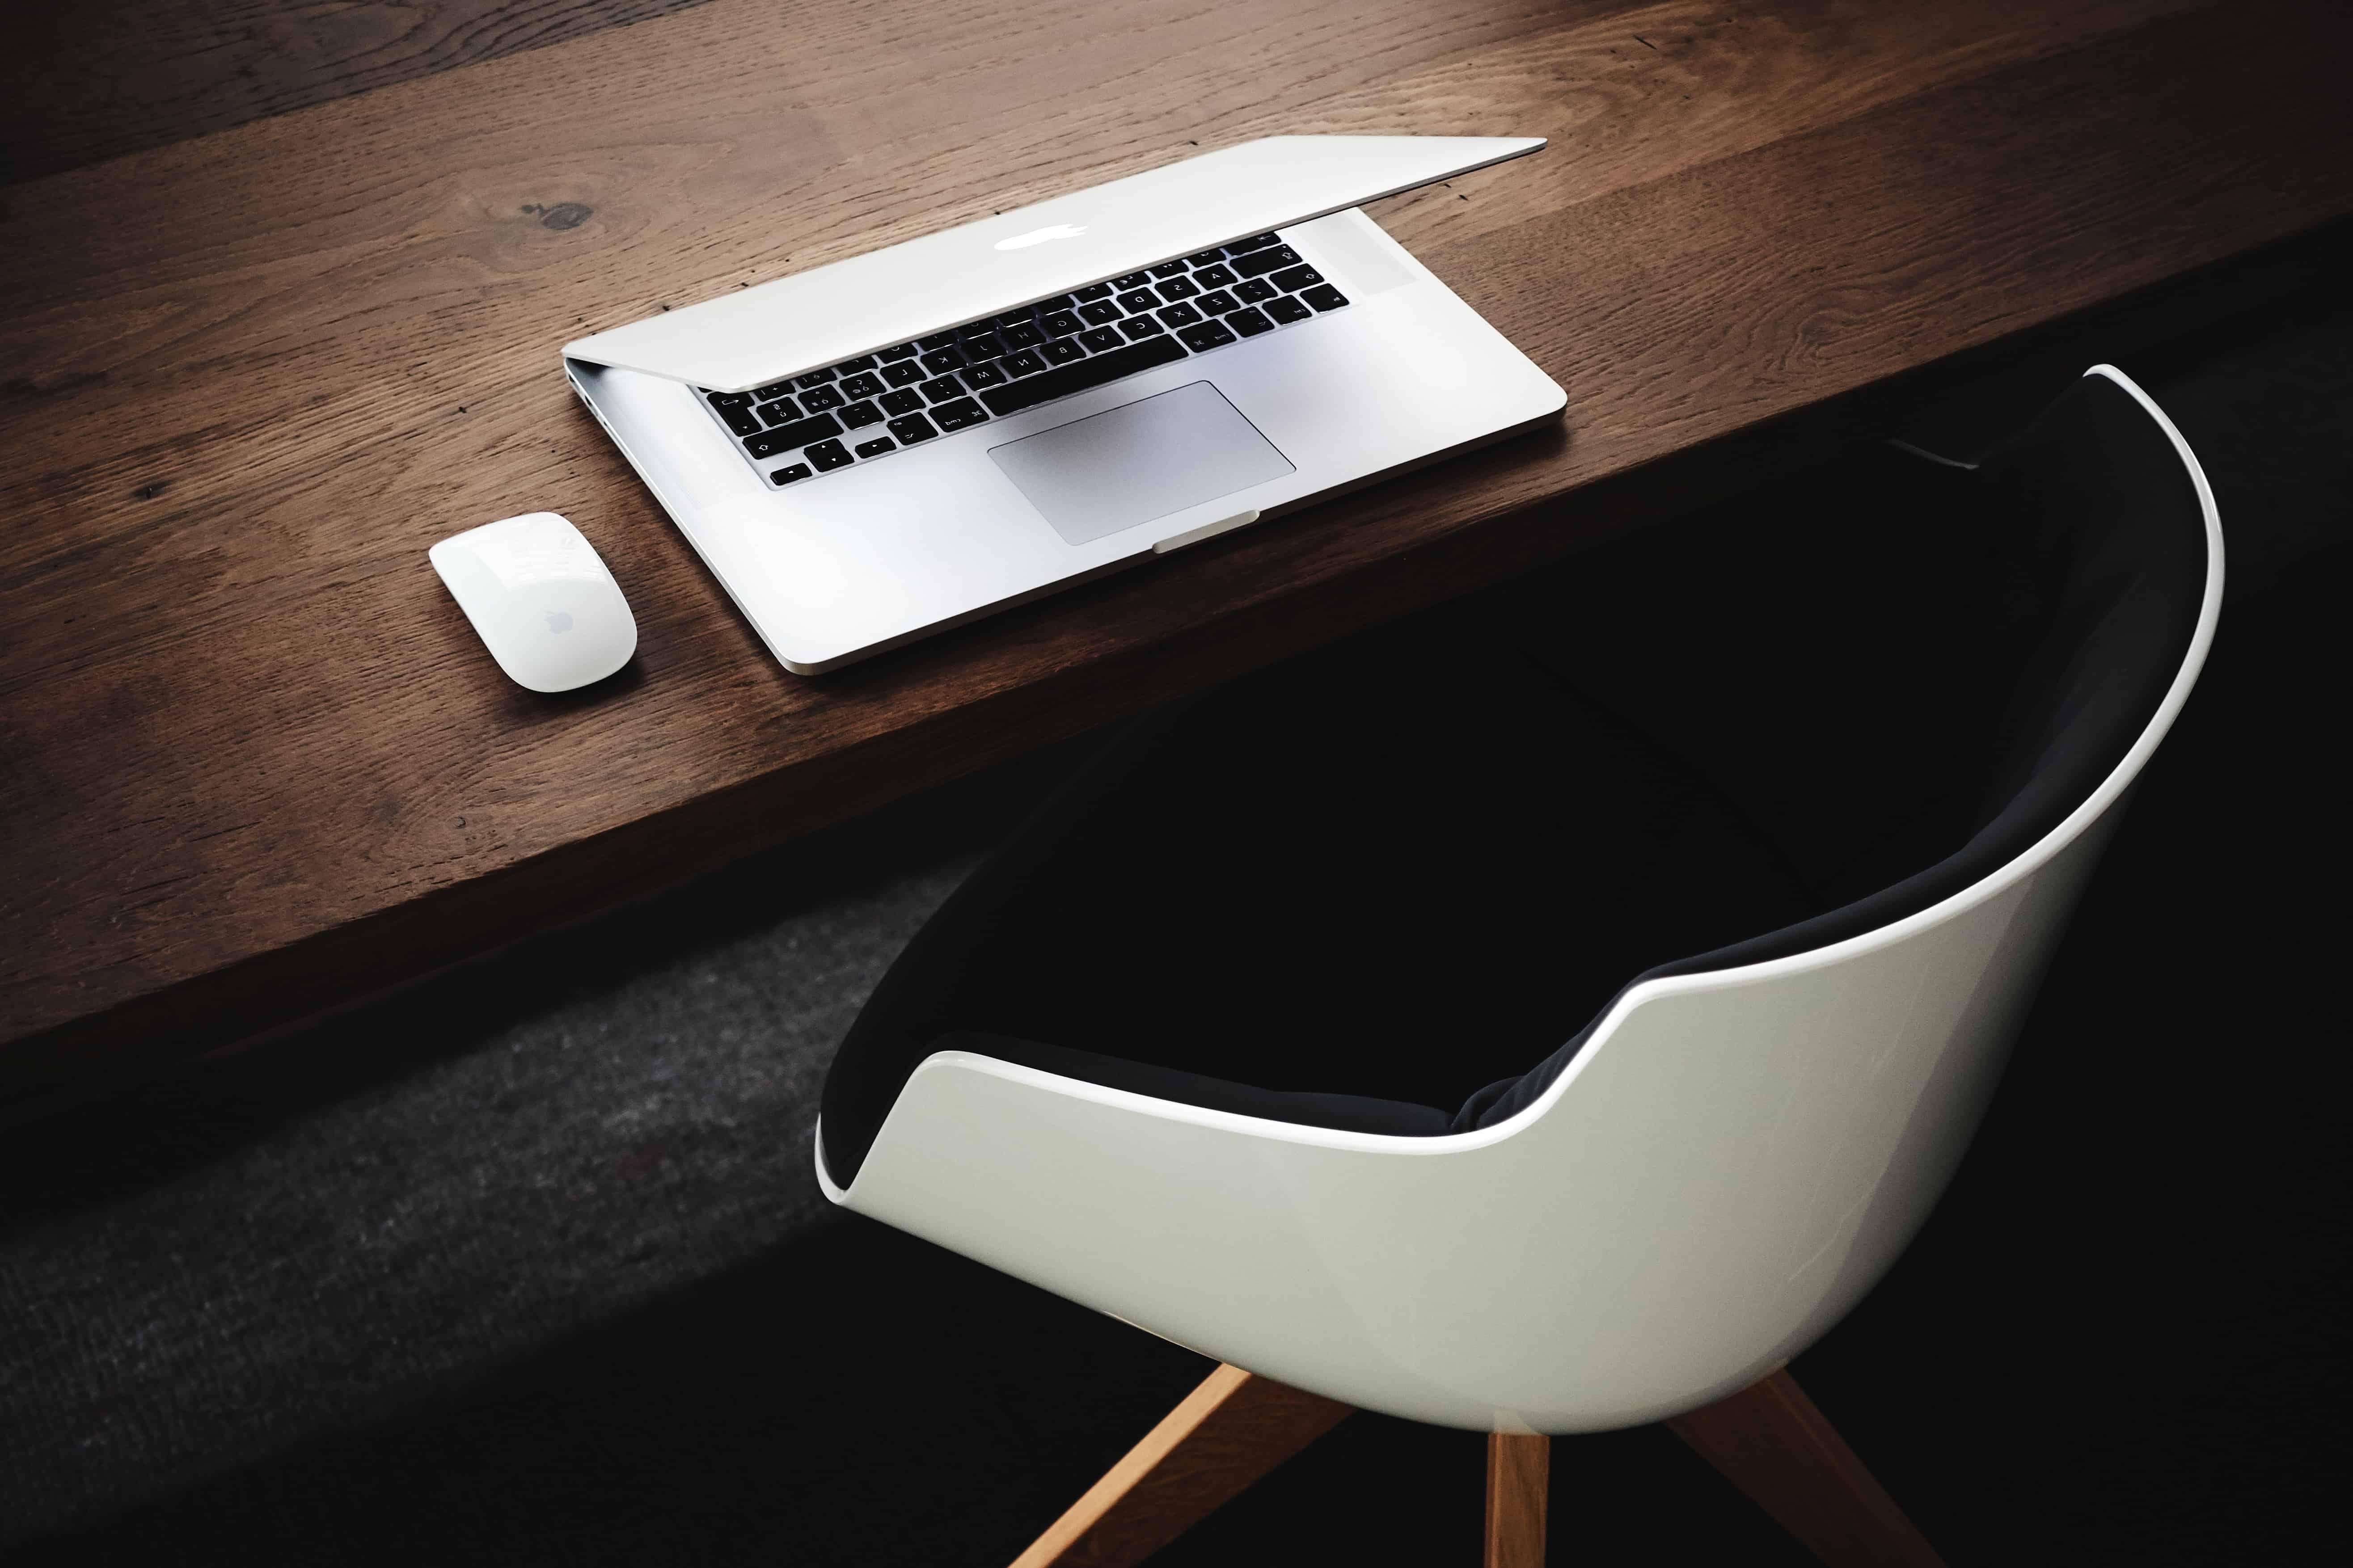 Image libre table d intérieur bureau meubles ordinateur